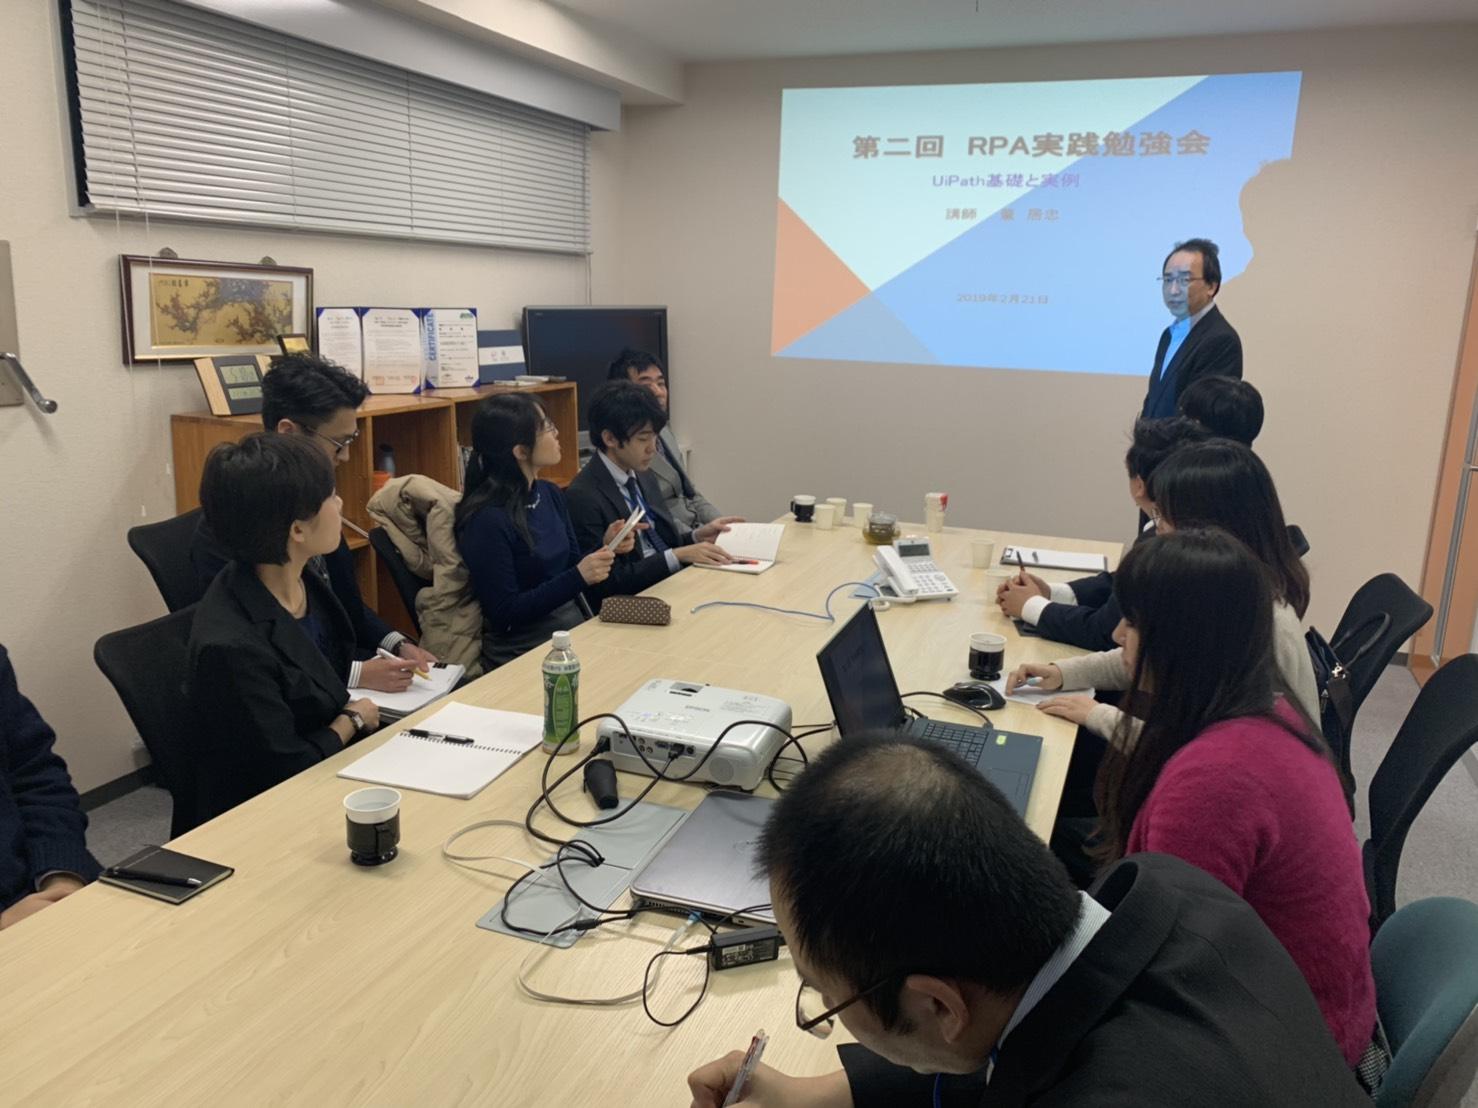 第二回RPA実践勉強会を行いました。